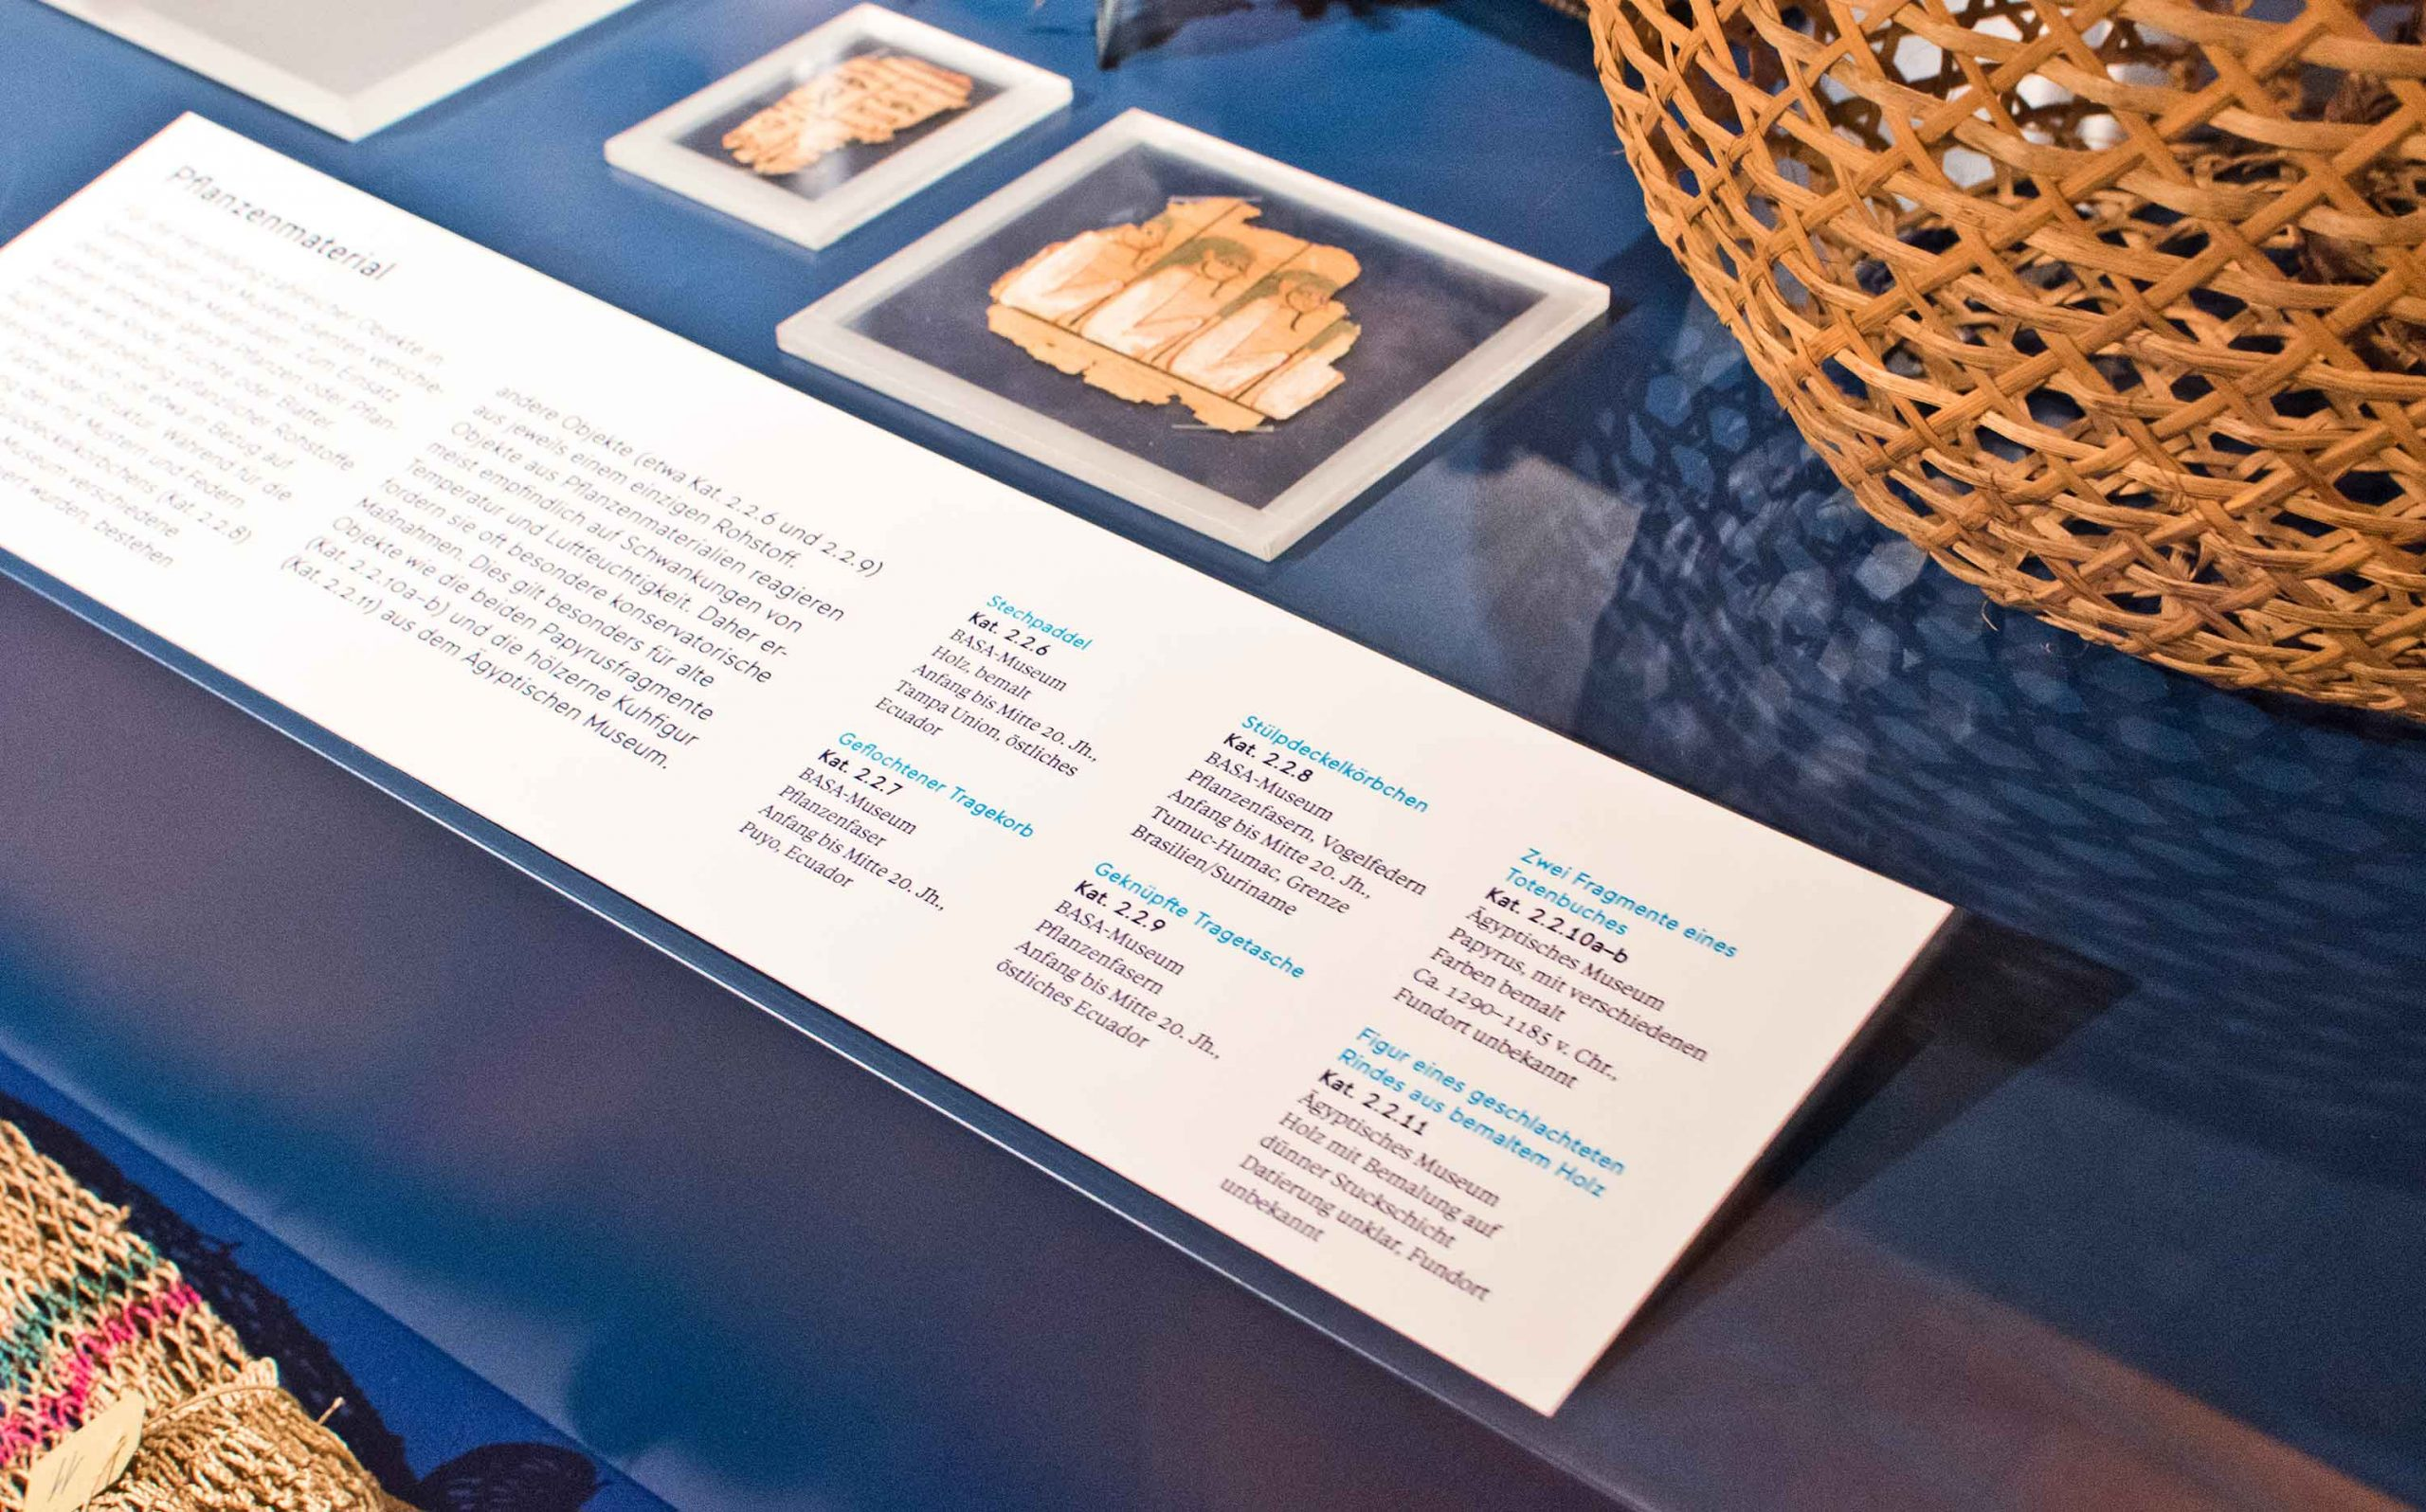 Ausstellungsgestaltung der Sonderausstellung »Objektwelten als Kosmos« im Museum Koenig Bonn   Exponatbeschriftung   Keywords: Ausstellungsgestaltung, Exhibition Design, Spatial Design, Banner, Typografie, Contemporary Design